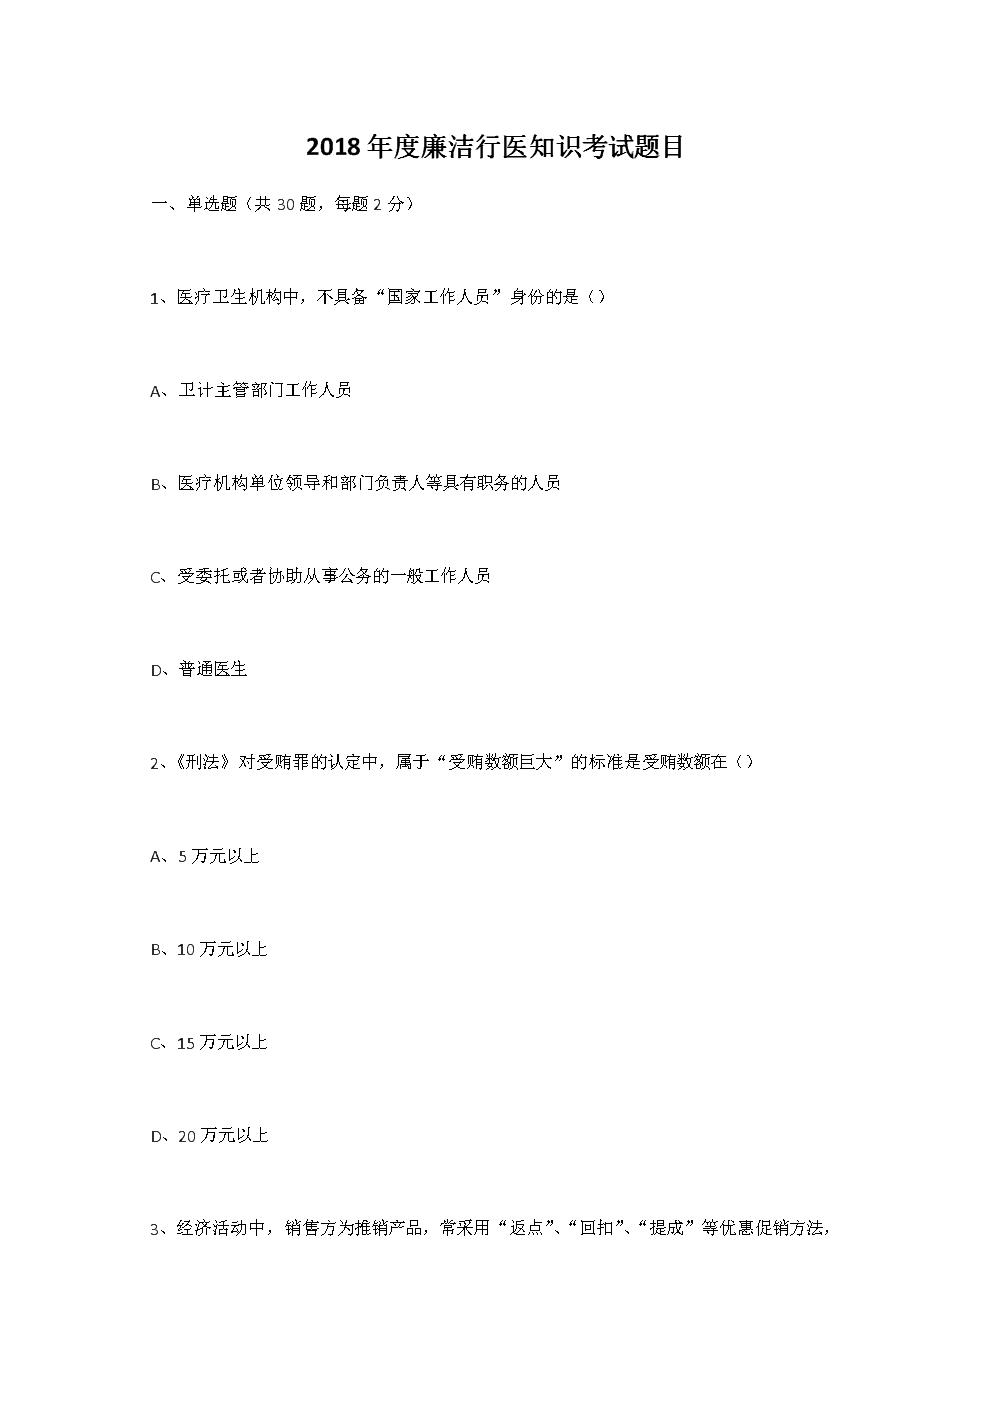 2018年度廉洁行医知识考试题目.docx